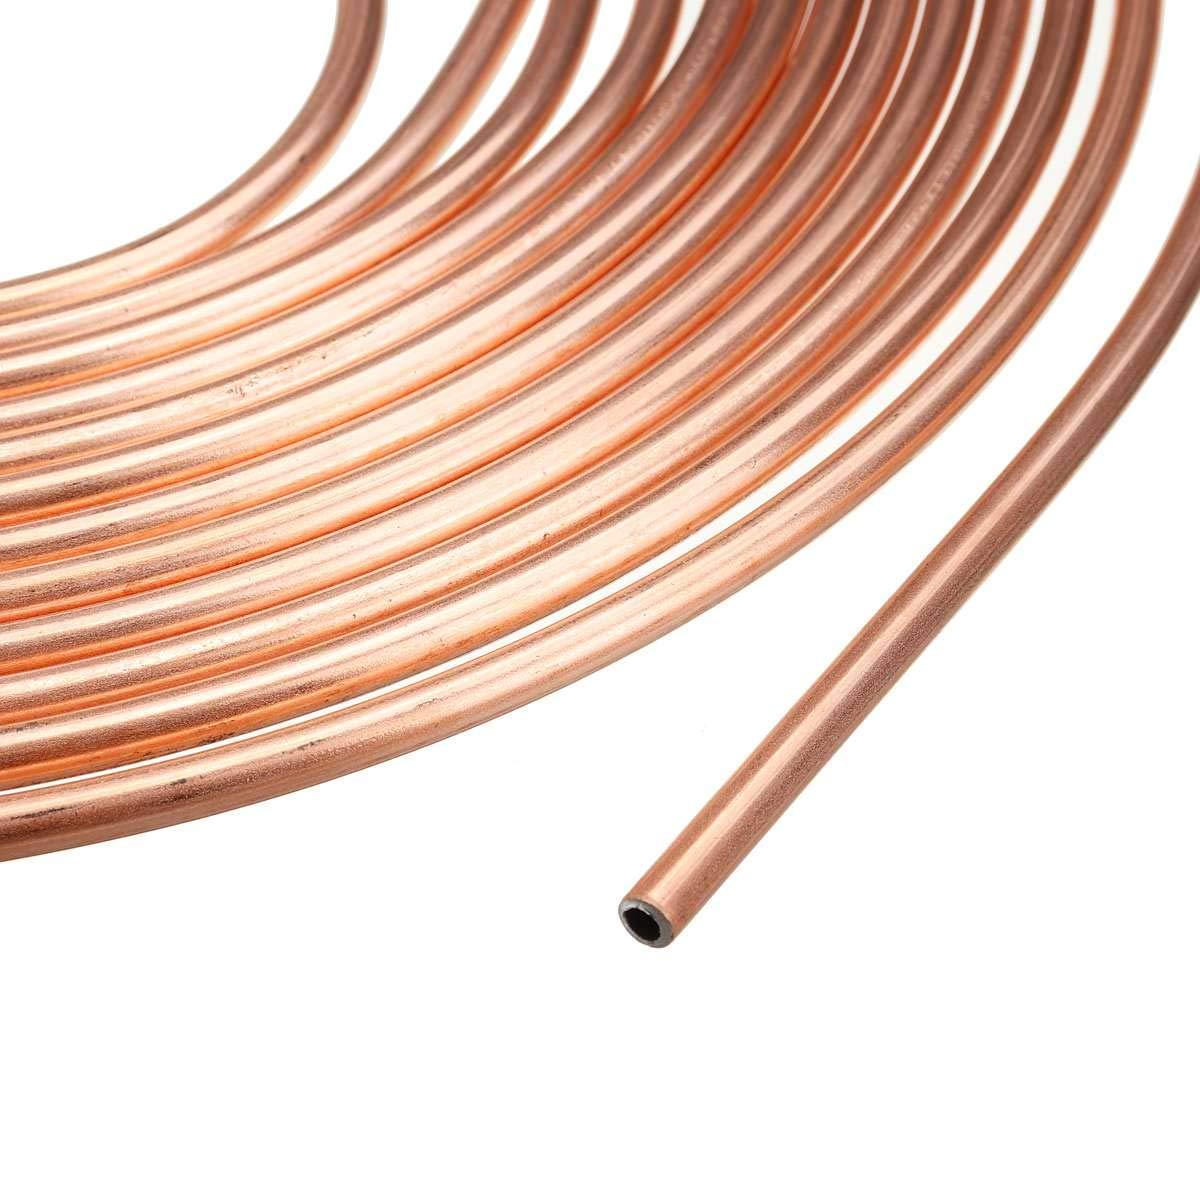 Tubo per freno in rame 10 m Kit di tubi freno di ricambio per auto da 3//16 con 20 dadi. AnvFlik